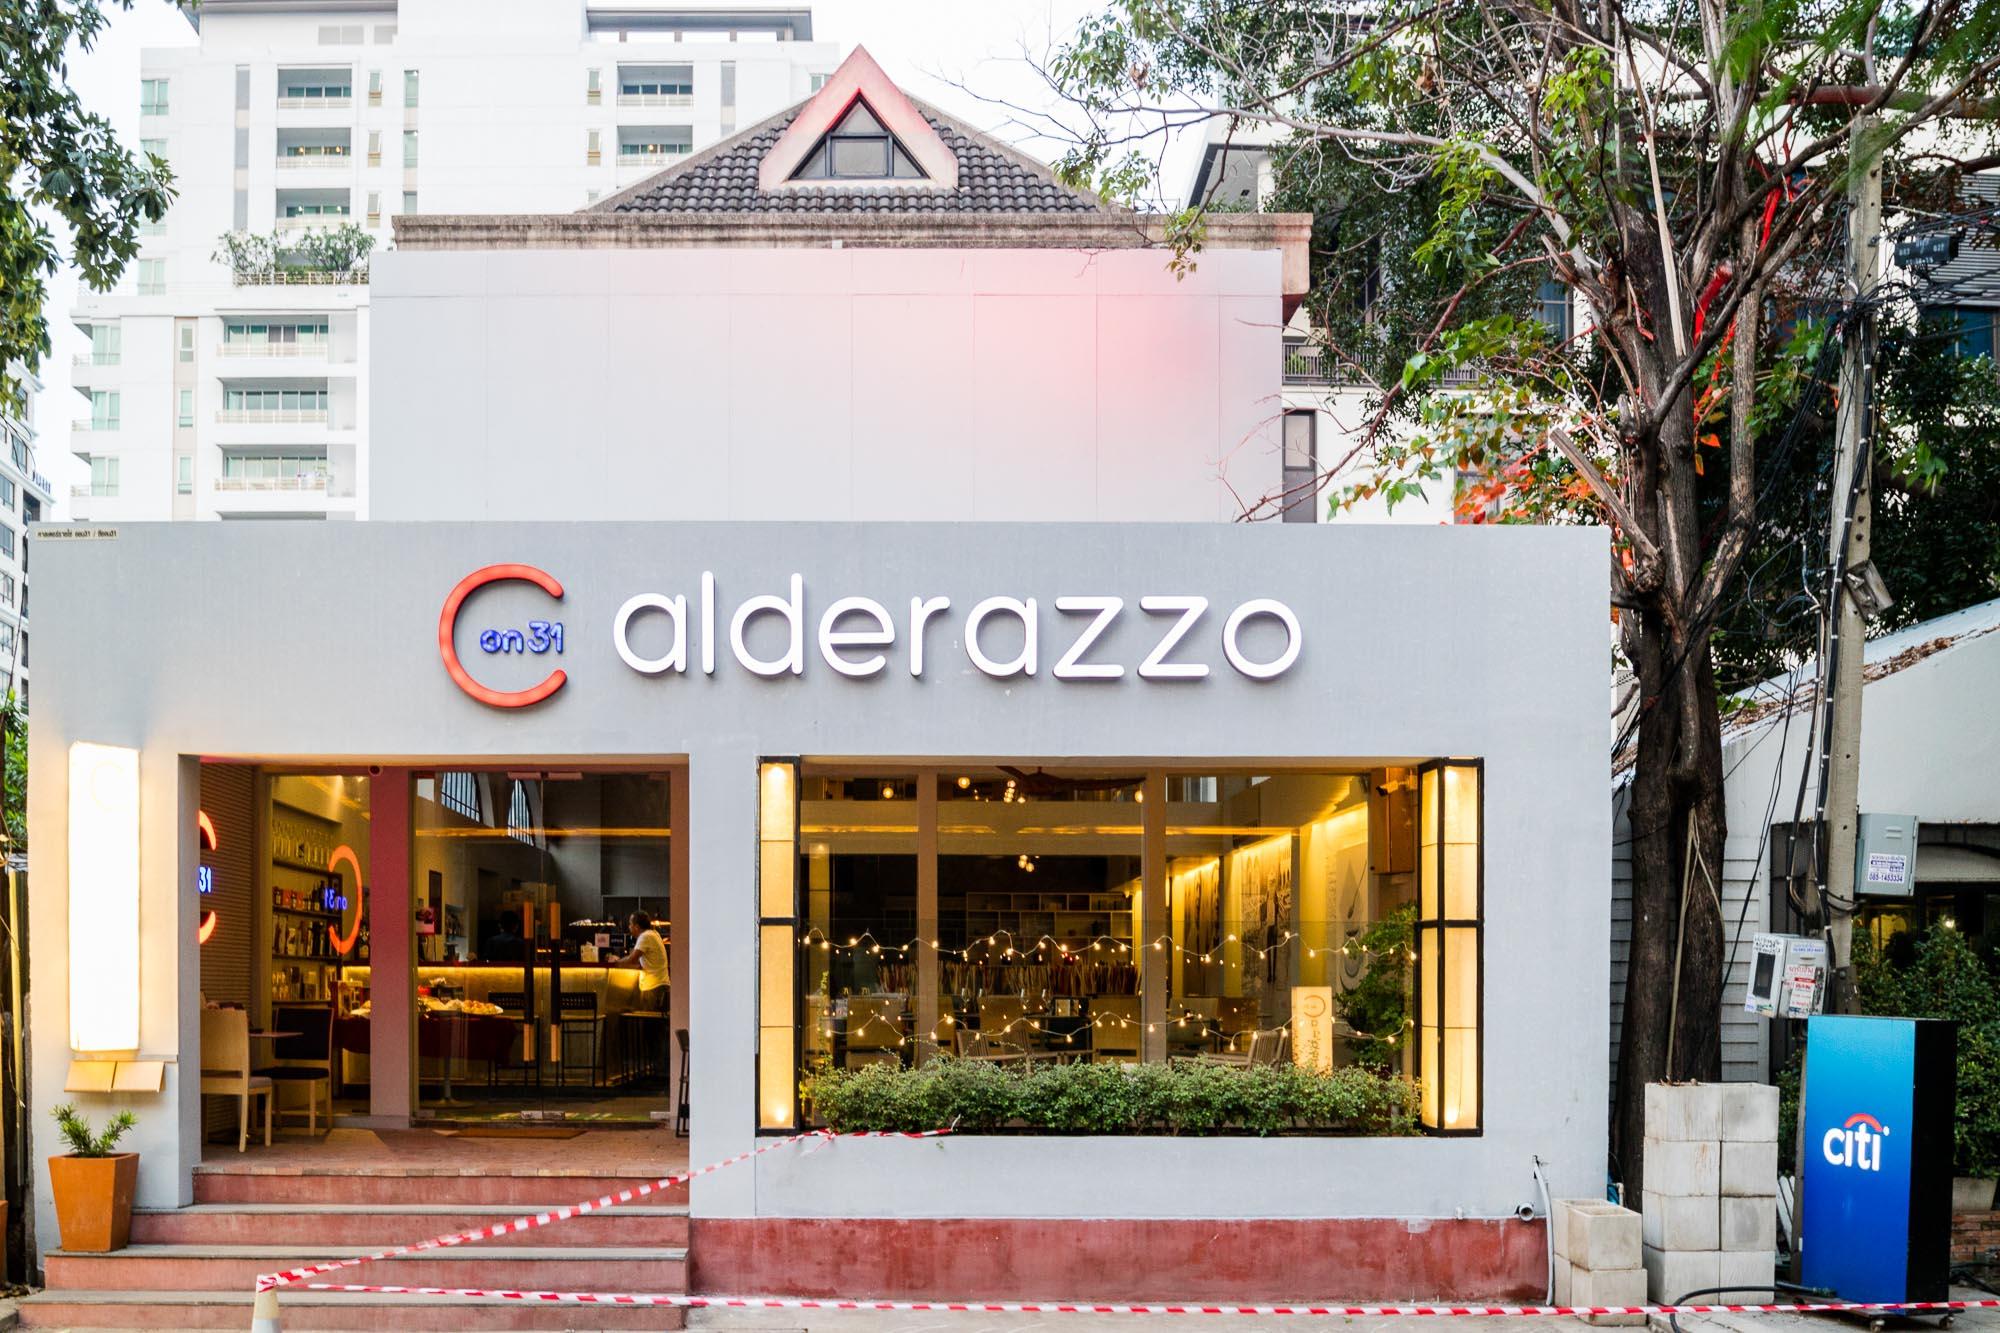 Calderazzo  Calderazzo on 31 ร้านอาหารอิตาเลี่ยนแท้ ย่านสุขุมวิท ที่แนะนำให้มาลอง p79ak8dugpdr5r4HxHL o